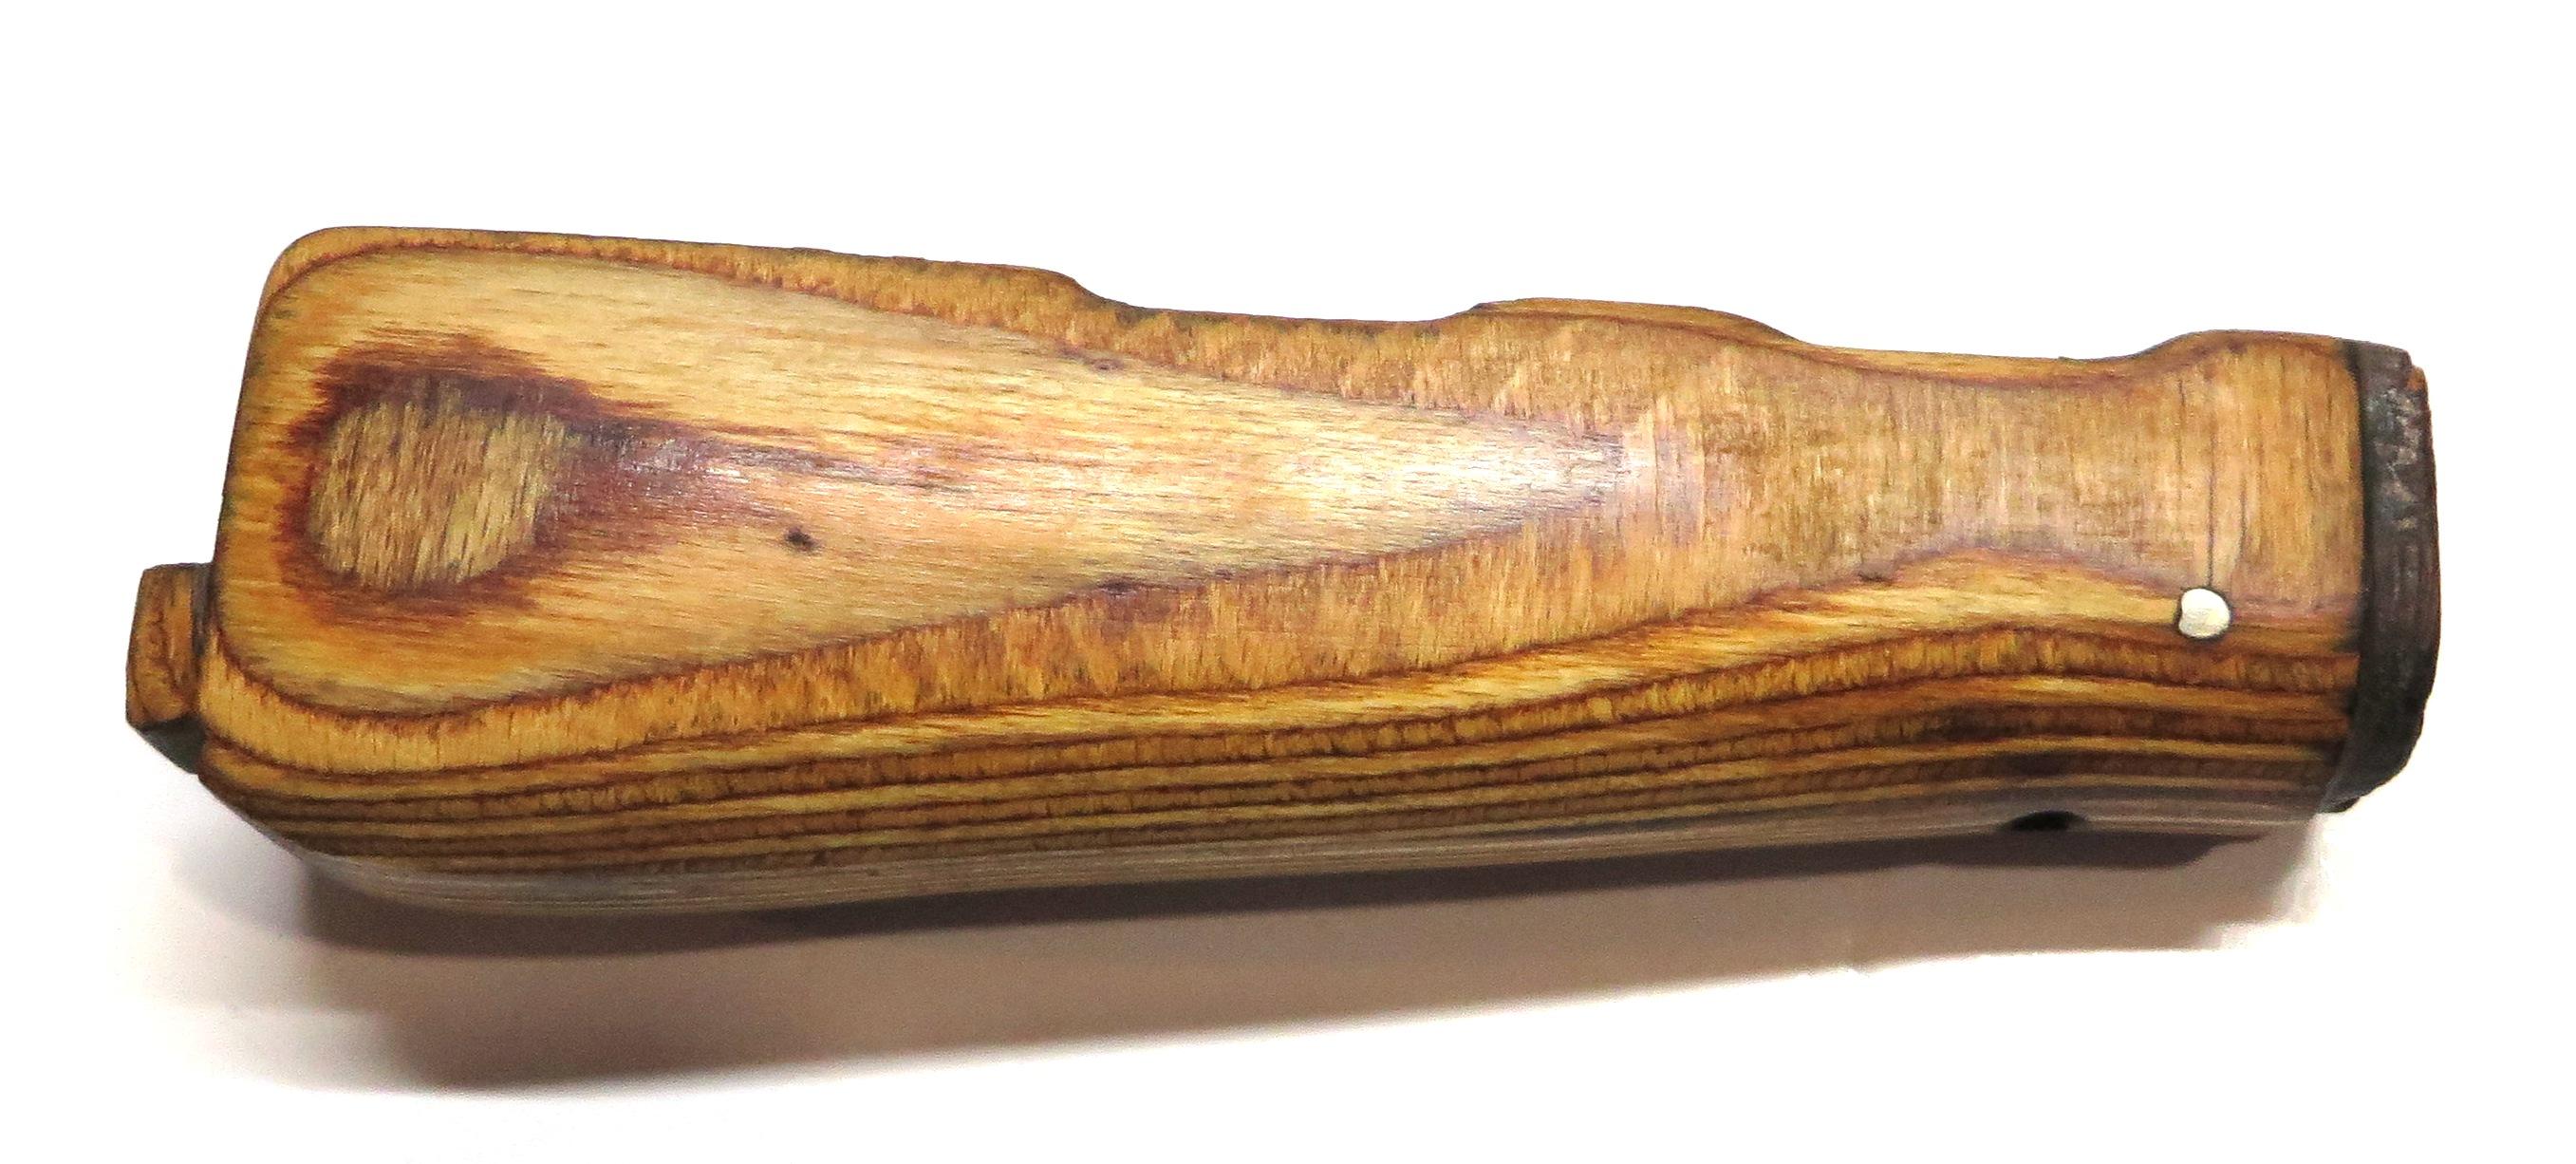 Blond Wood Ak Lower Hand Guard B81362